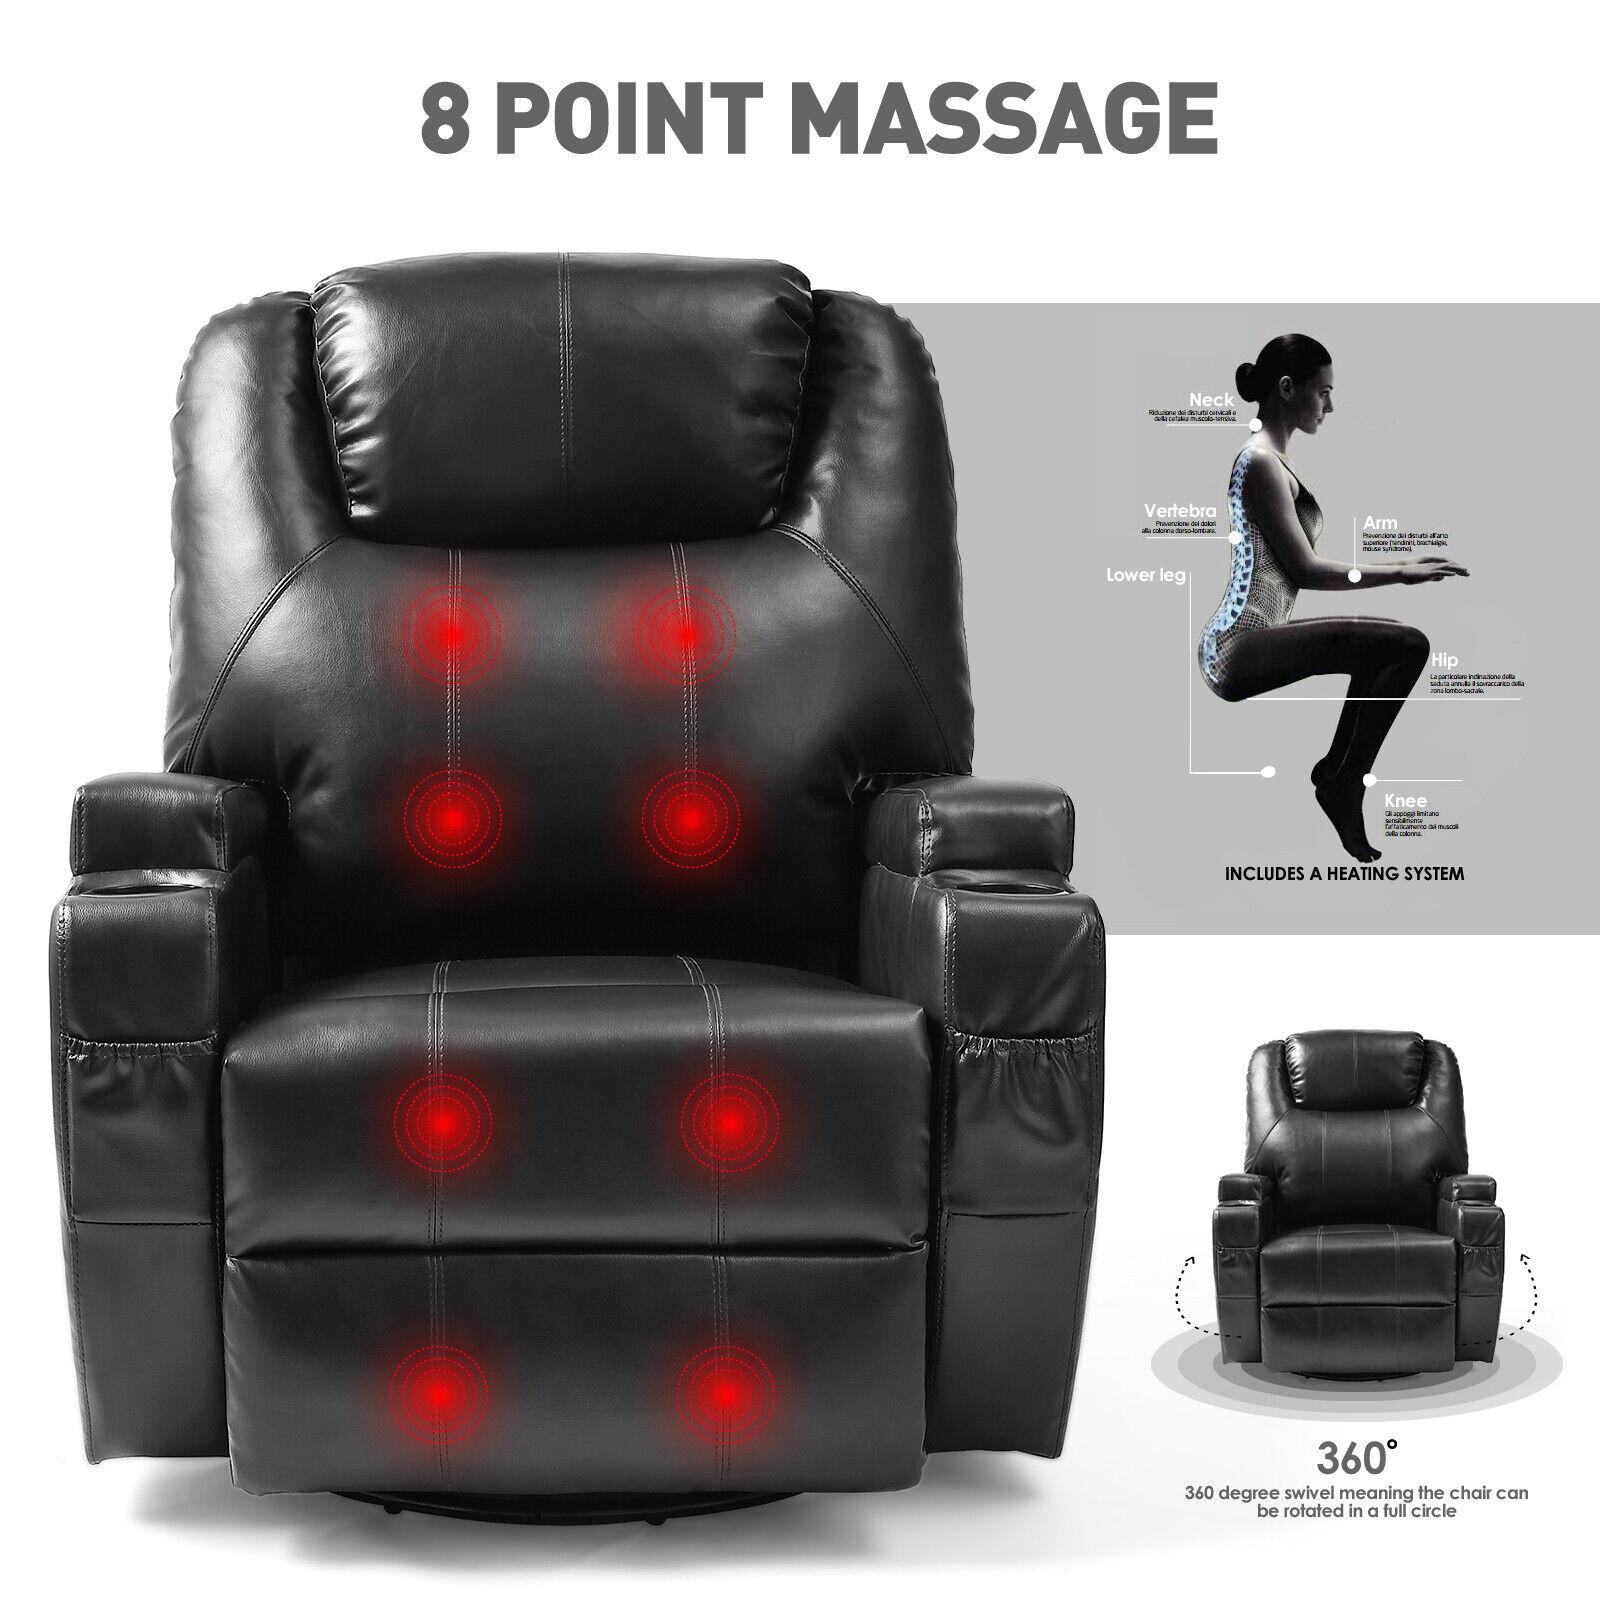 Awe Inspiring Full Body Massage Recliner Chair Leather Vibrating Heat Lounge 3600 Swivel Black Short Links Chair Design For Home Short Linksinfo